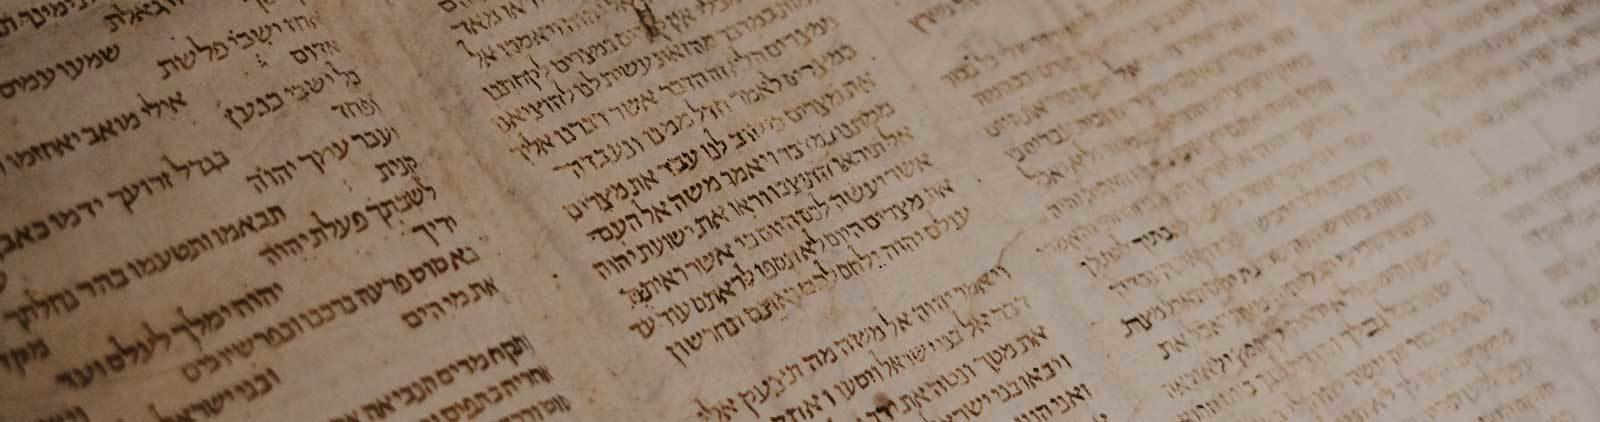 Messianic Classics